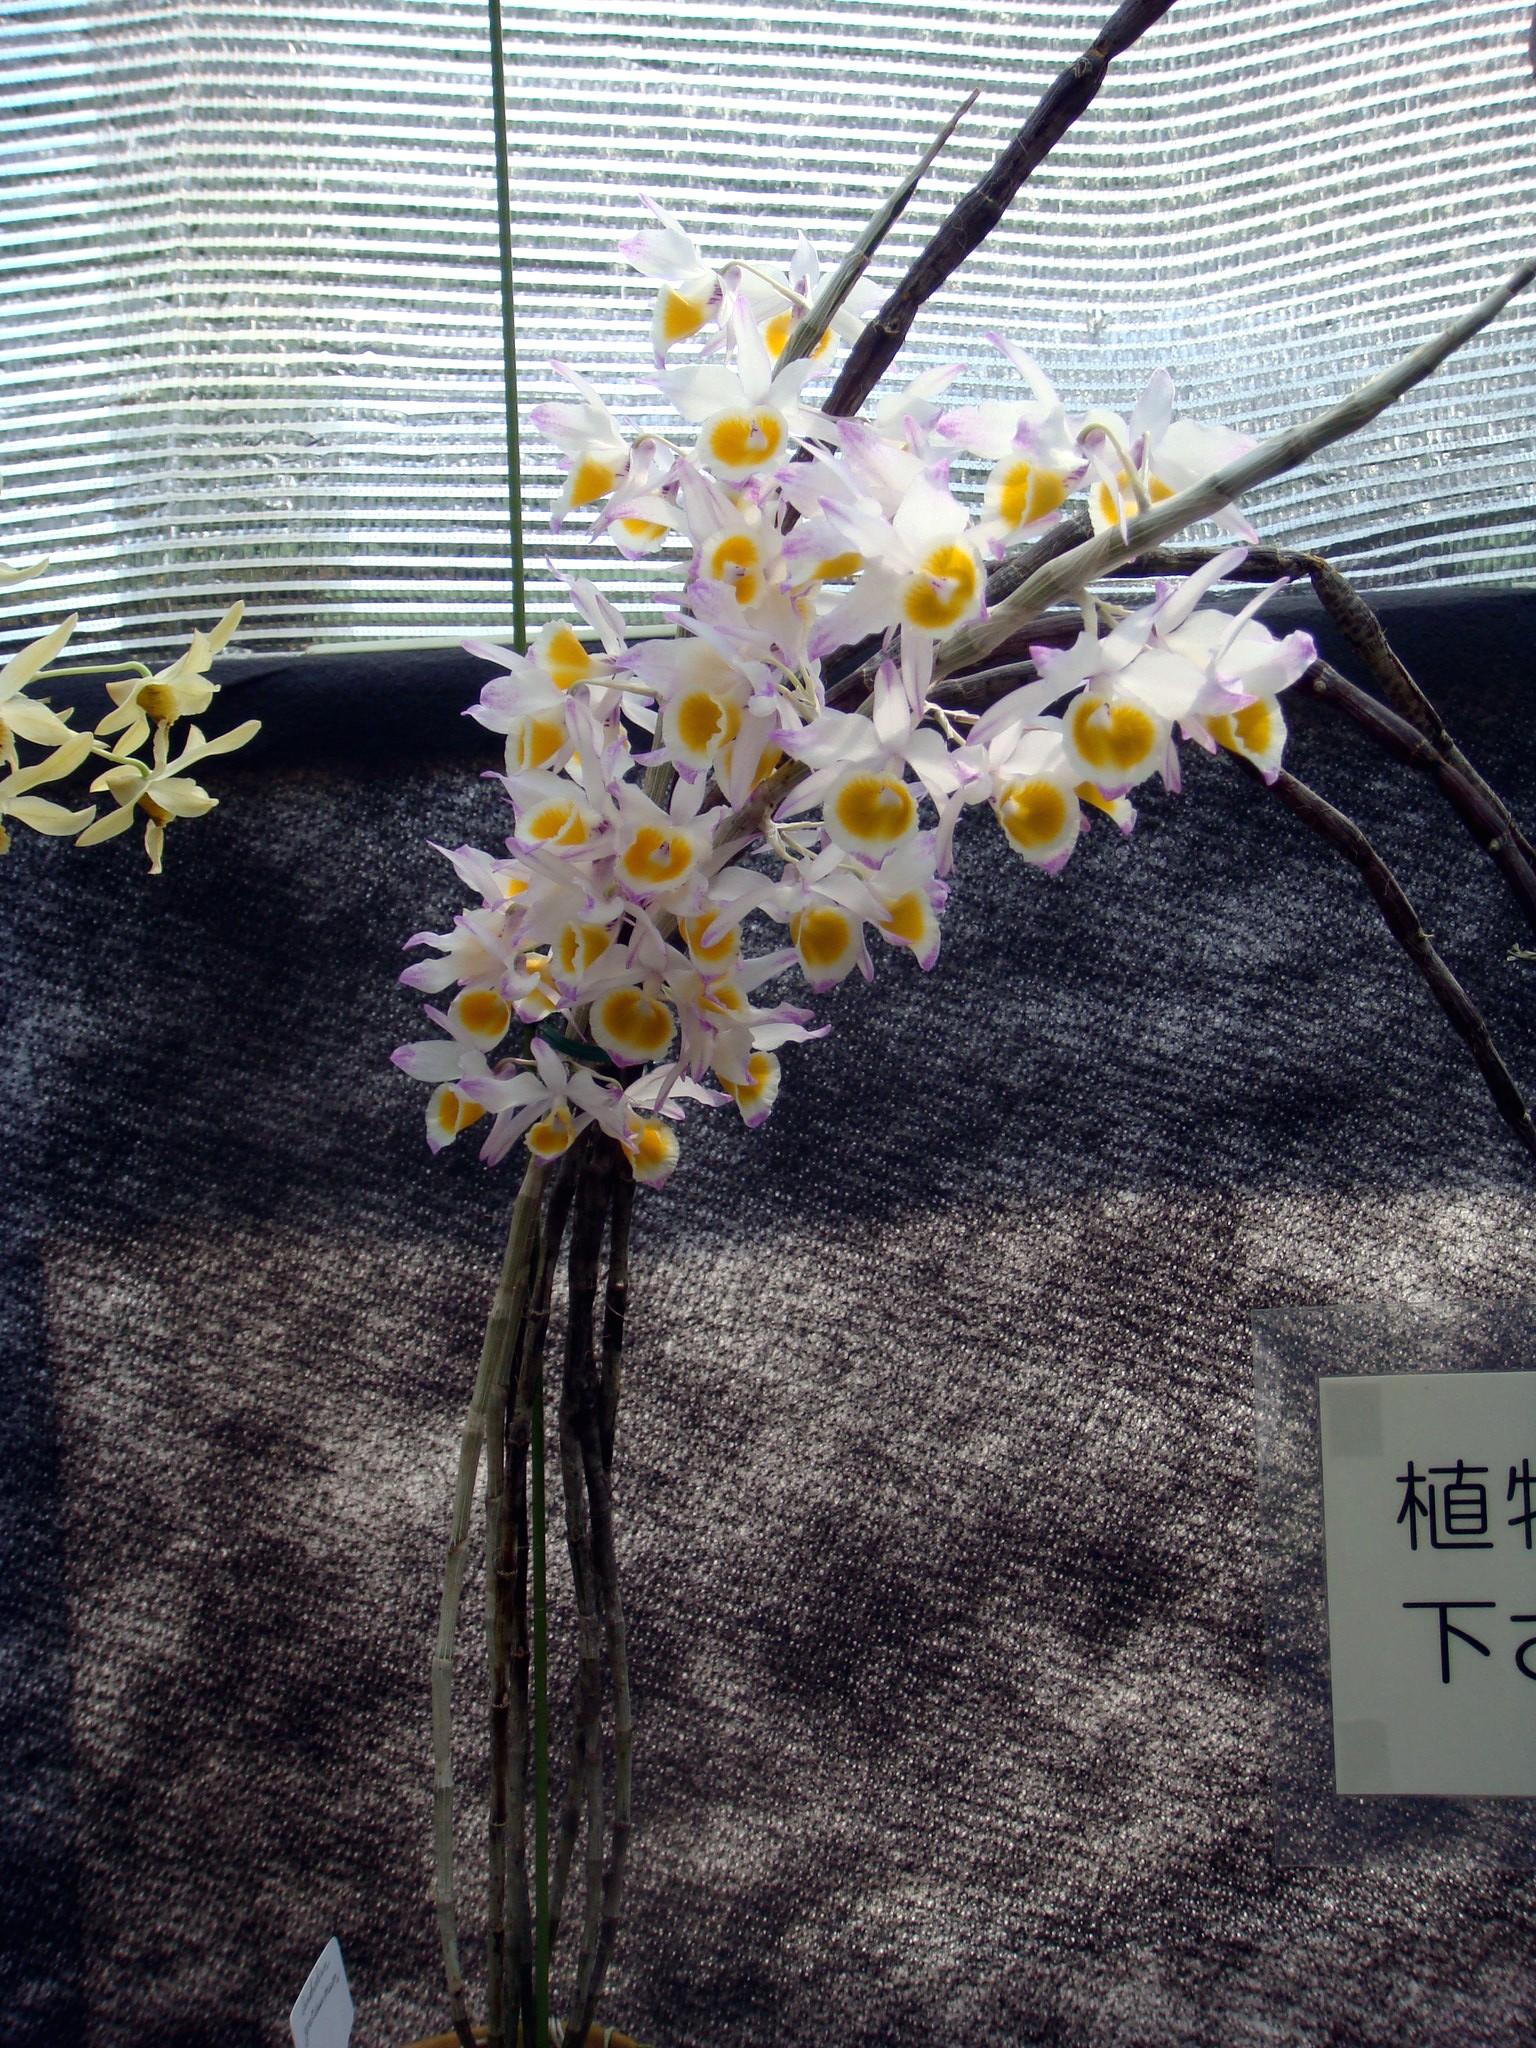 http://orchids.la.coocan.jp/Dendrobium/Dendrobium%20gratiosissimum/DSC04951.JPG